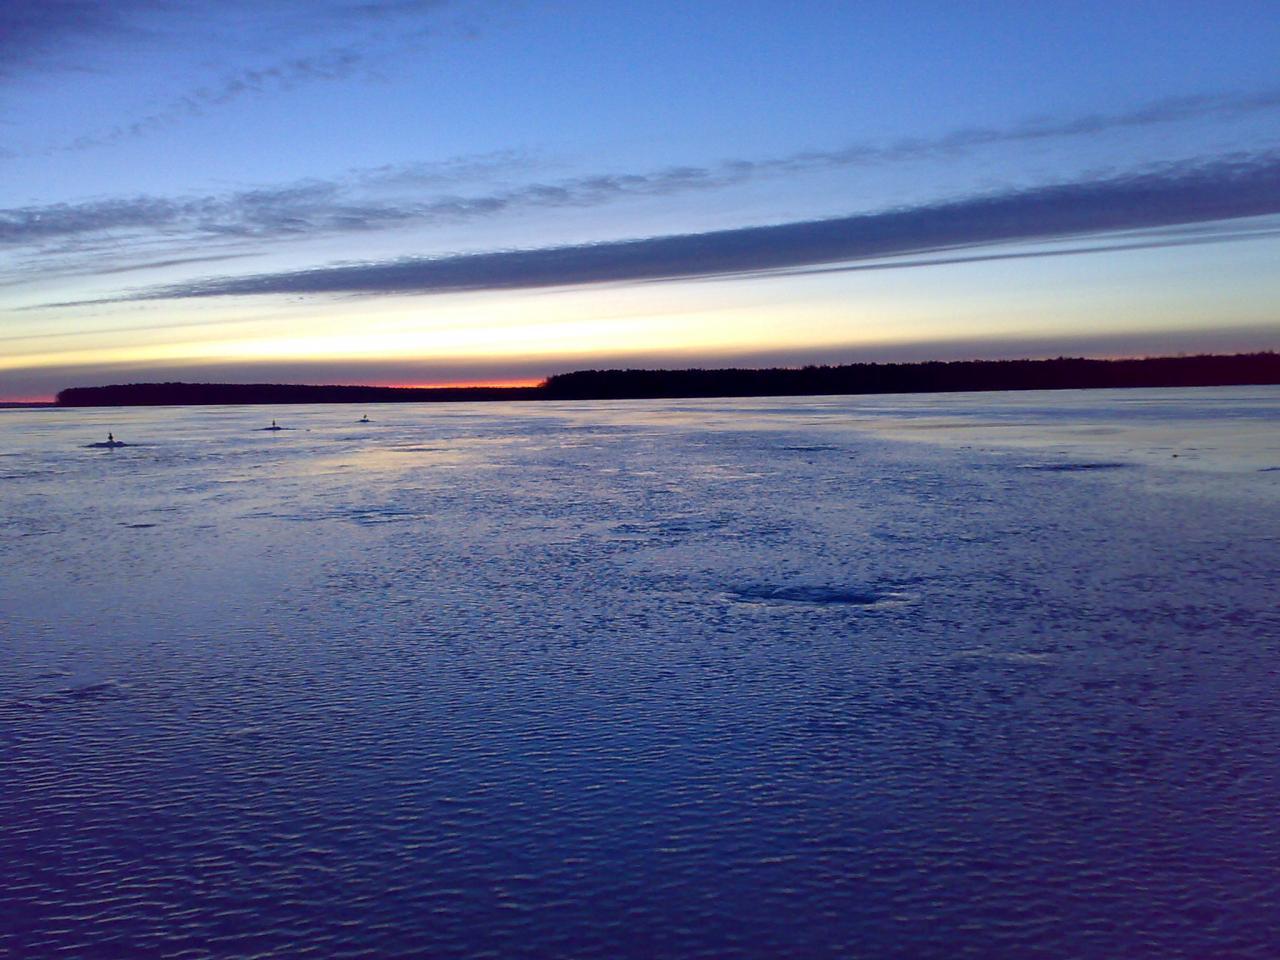 Вчера почти пролетел в районе Матчиц. С рассвета ...   Отчеты о рыбалке в Беларуси